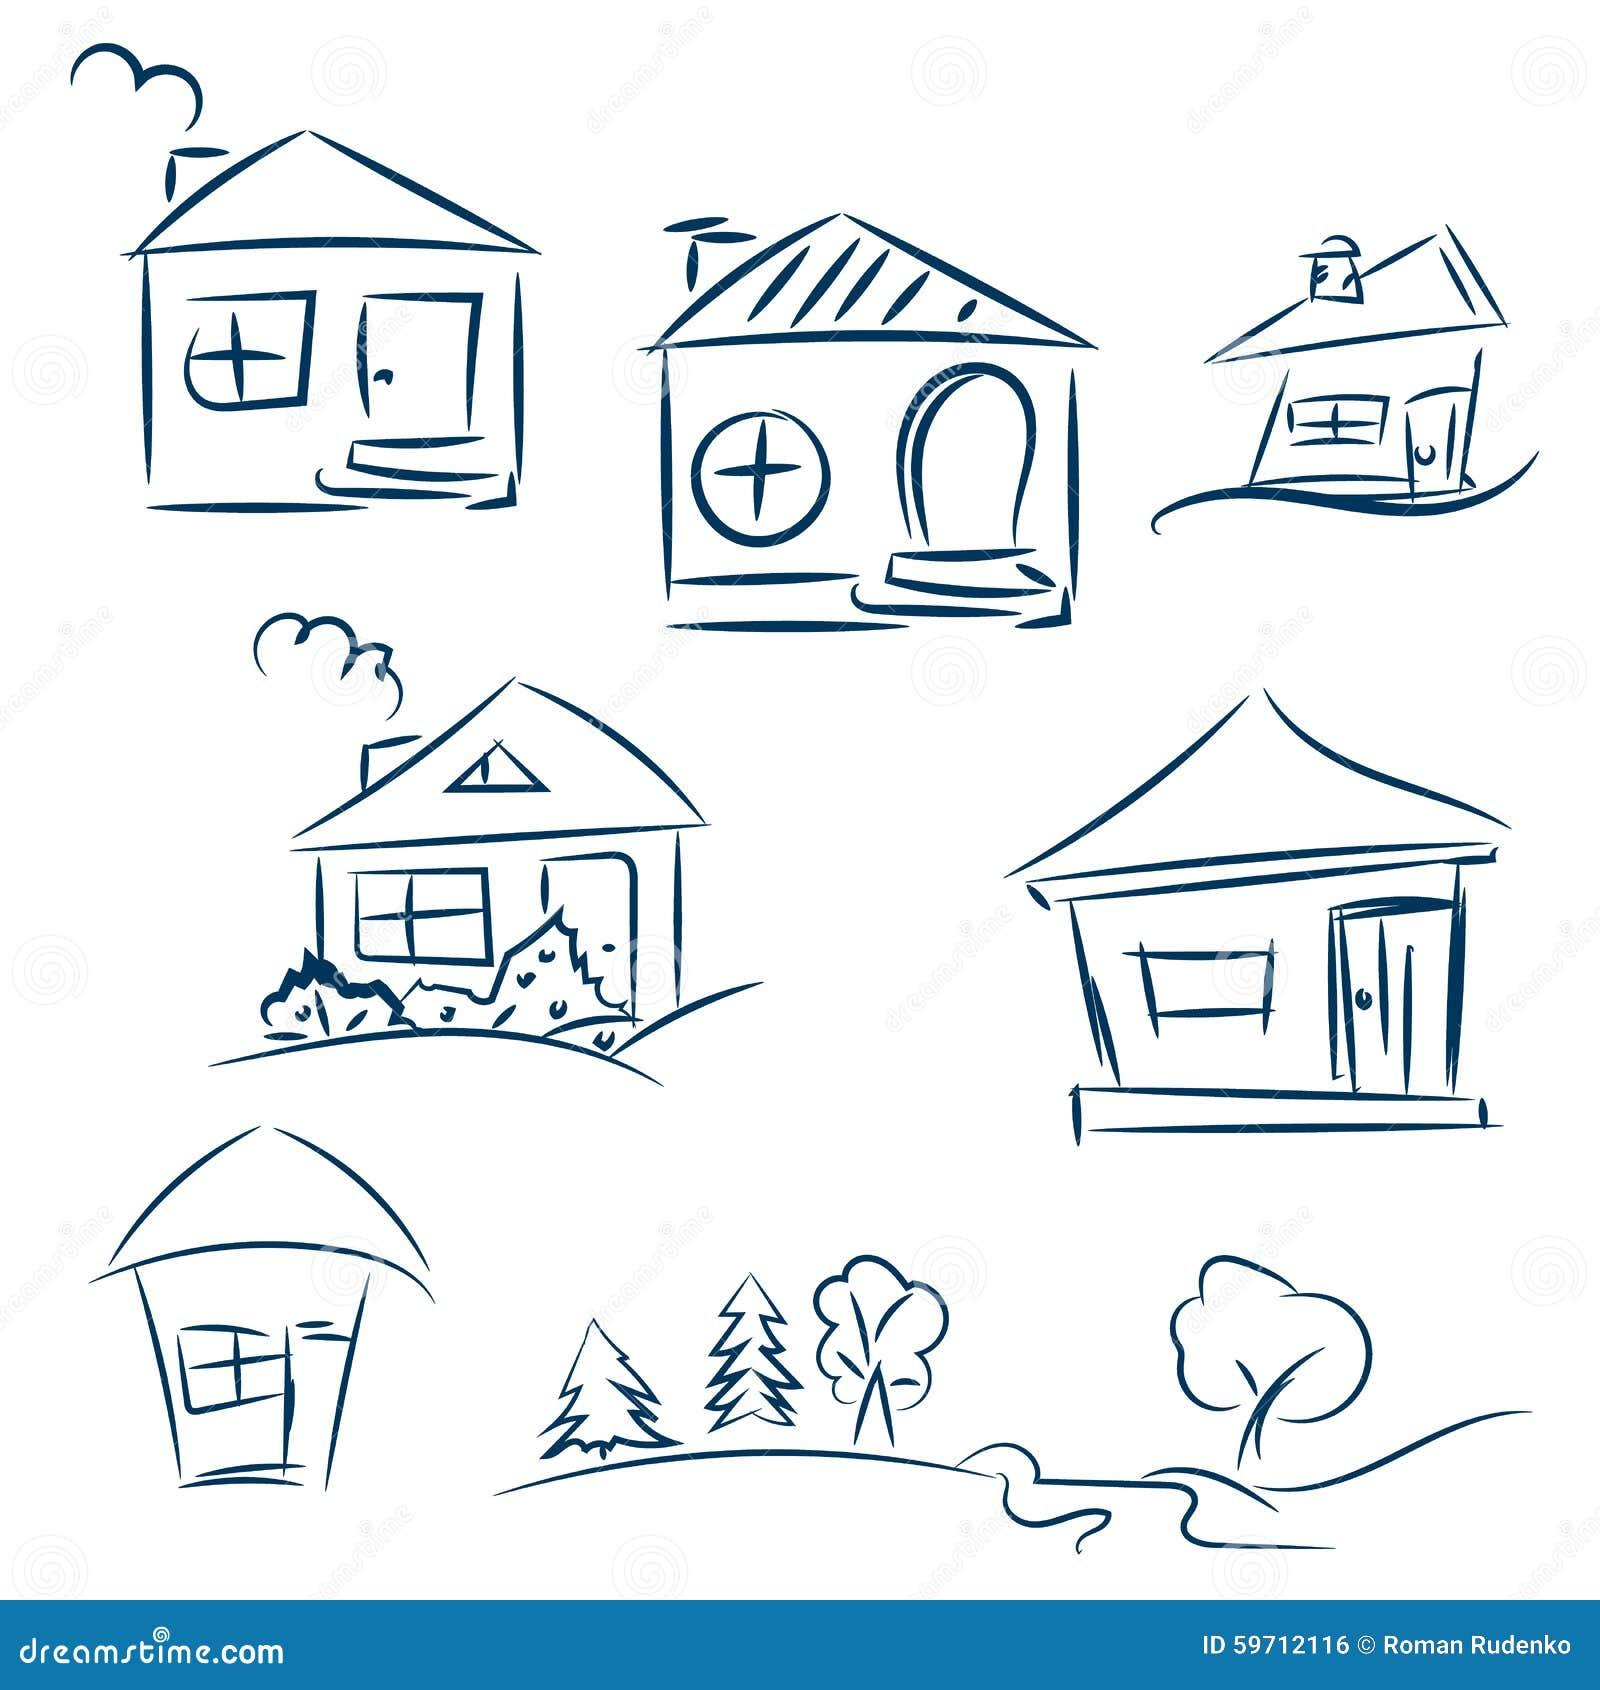 Casas dibujadas mano del garabato bosquejo del vector del l piz casas azul marino ilustraci n - Casas dibujadas a lapiz ...